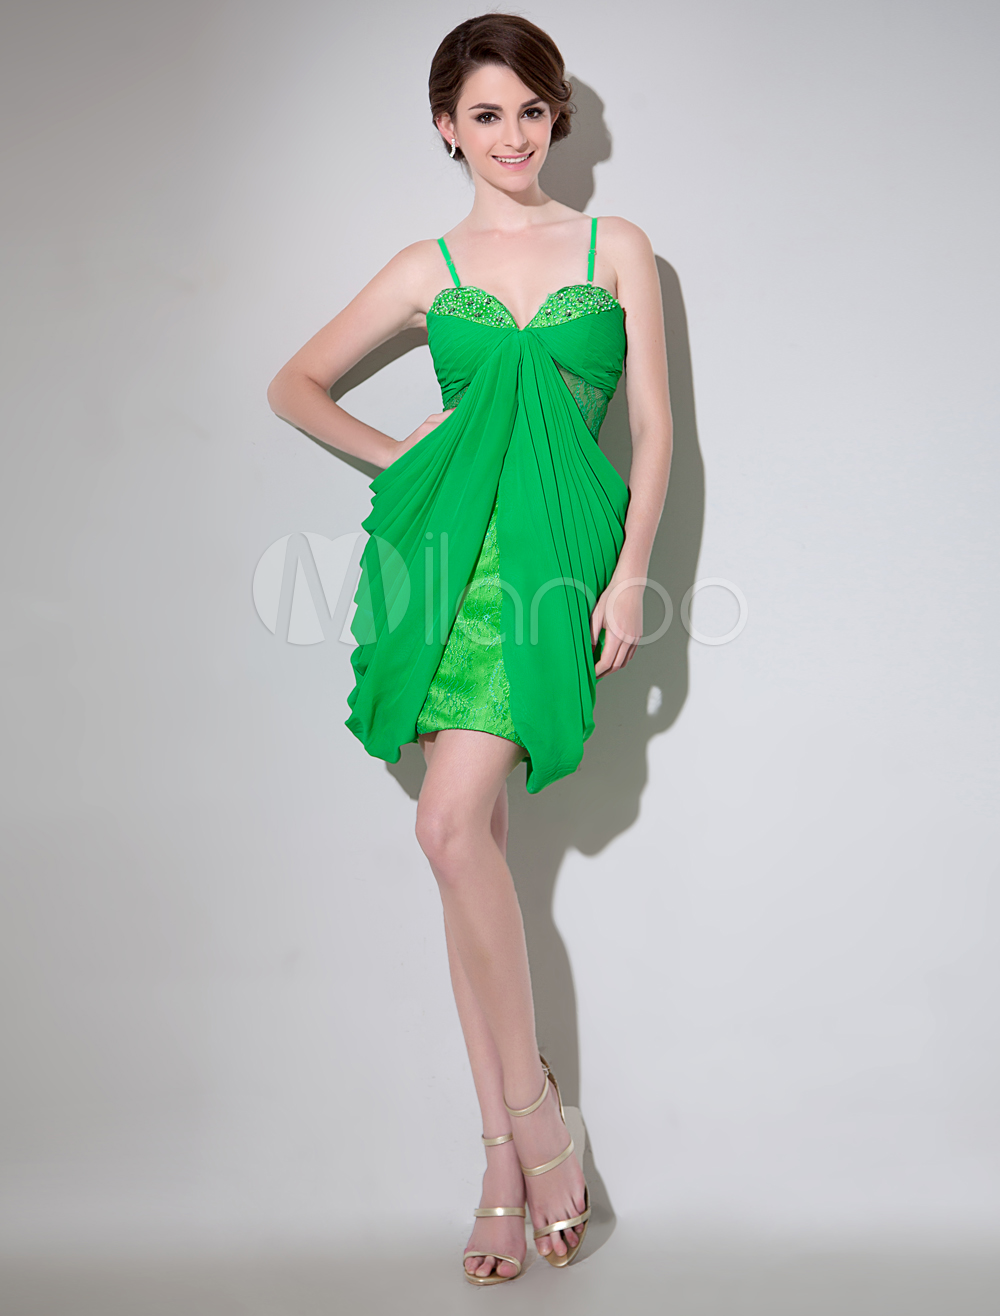 Chiffon Cocktail Dress Avocado Green Sheath Short Prom Dress Elegant Beading Sweetheart Sleeveless Party Dress Milanoo